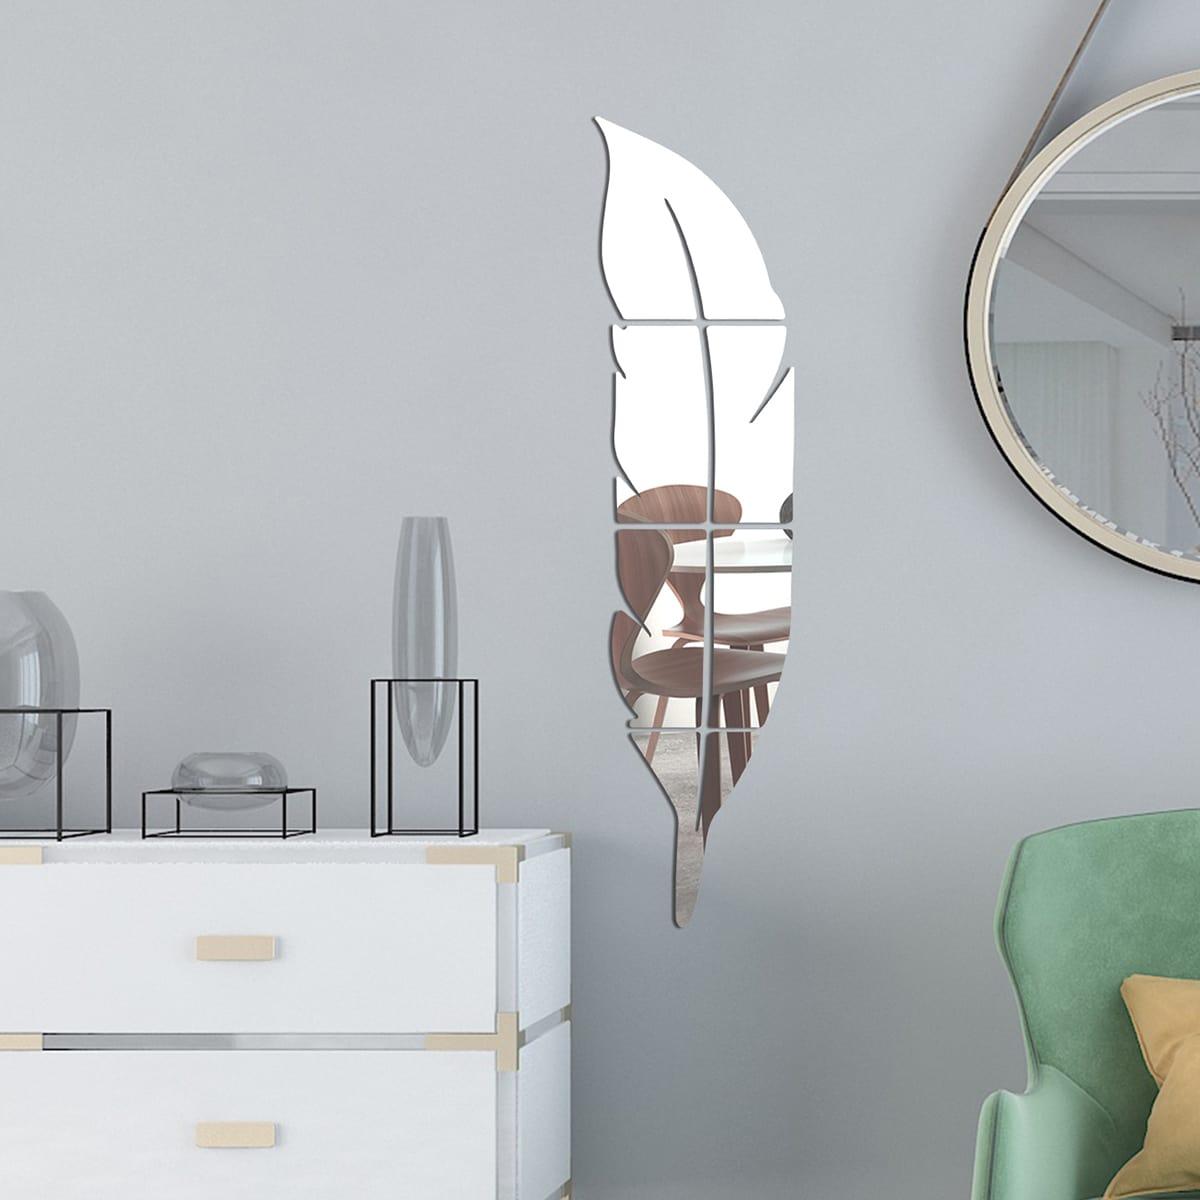 Стикер стены поверхности зеркала в форме пера 6шт